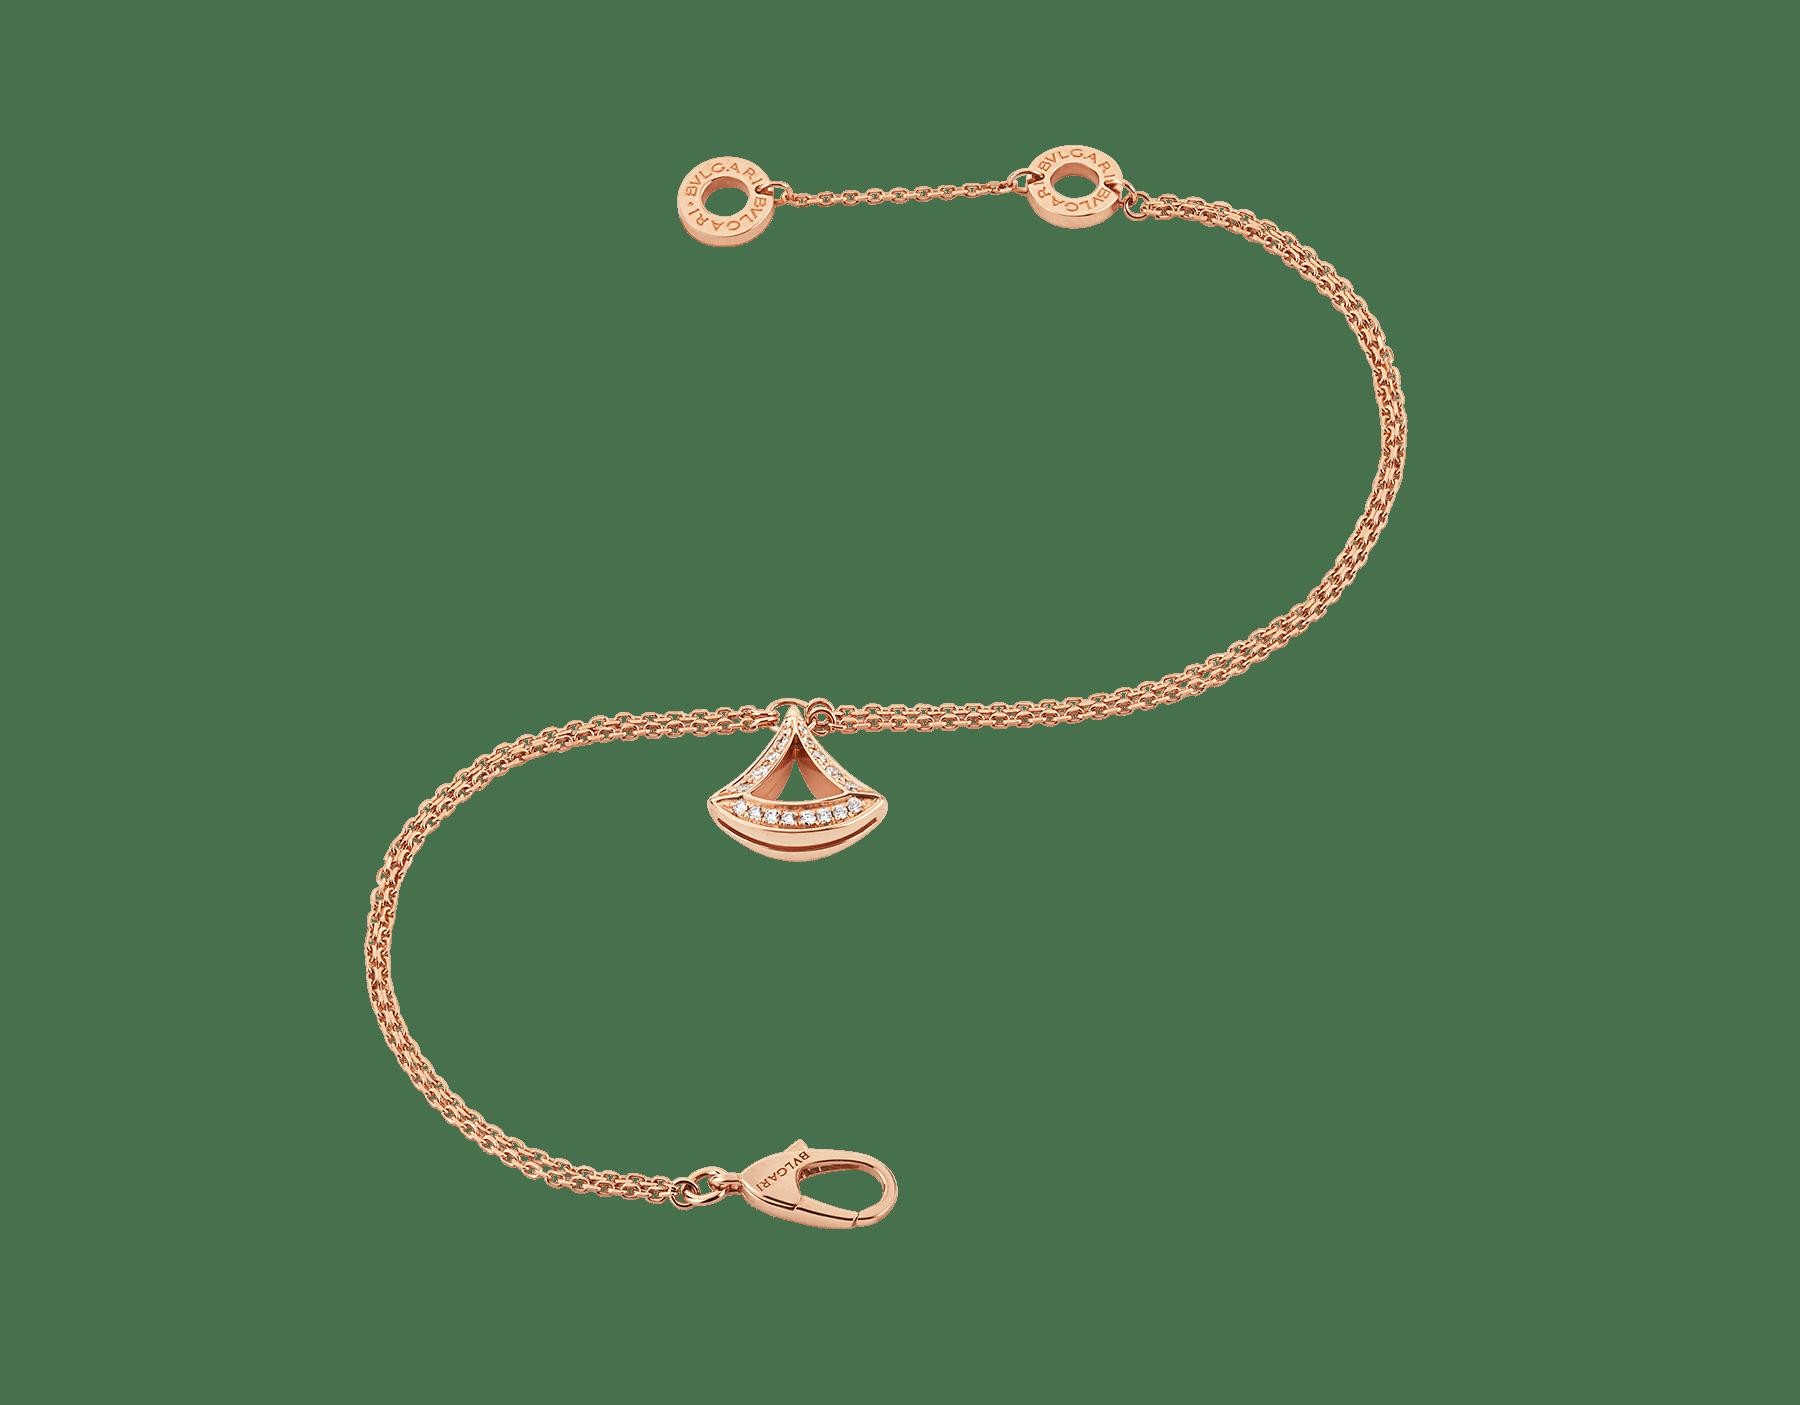 Pulseira vazada DIVAS' DREAM em ouro rosa 18K com pingente em ouro rosa 18K cravejado com pavê de diamantes. BR858254 image 2